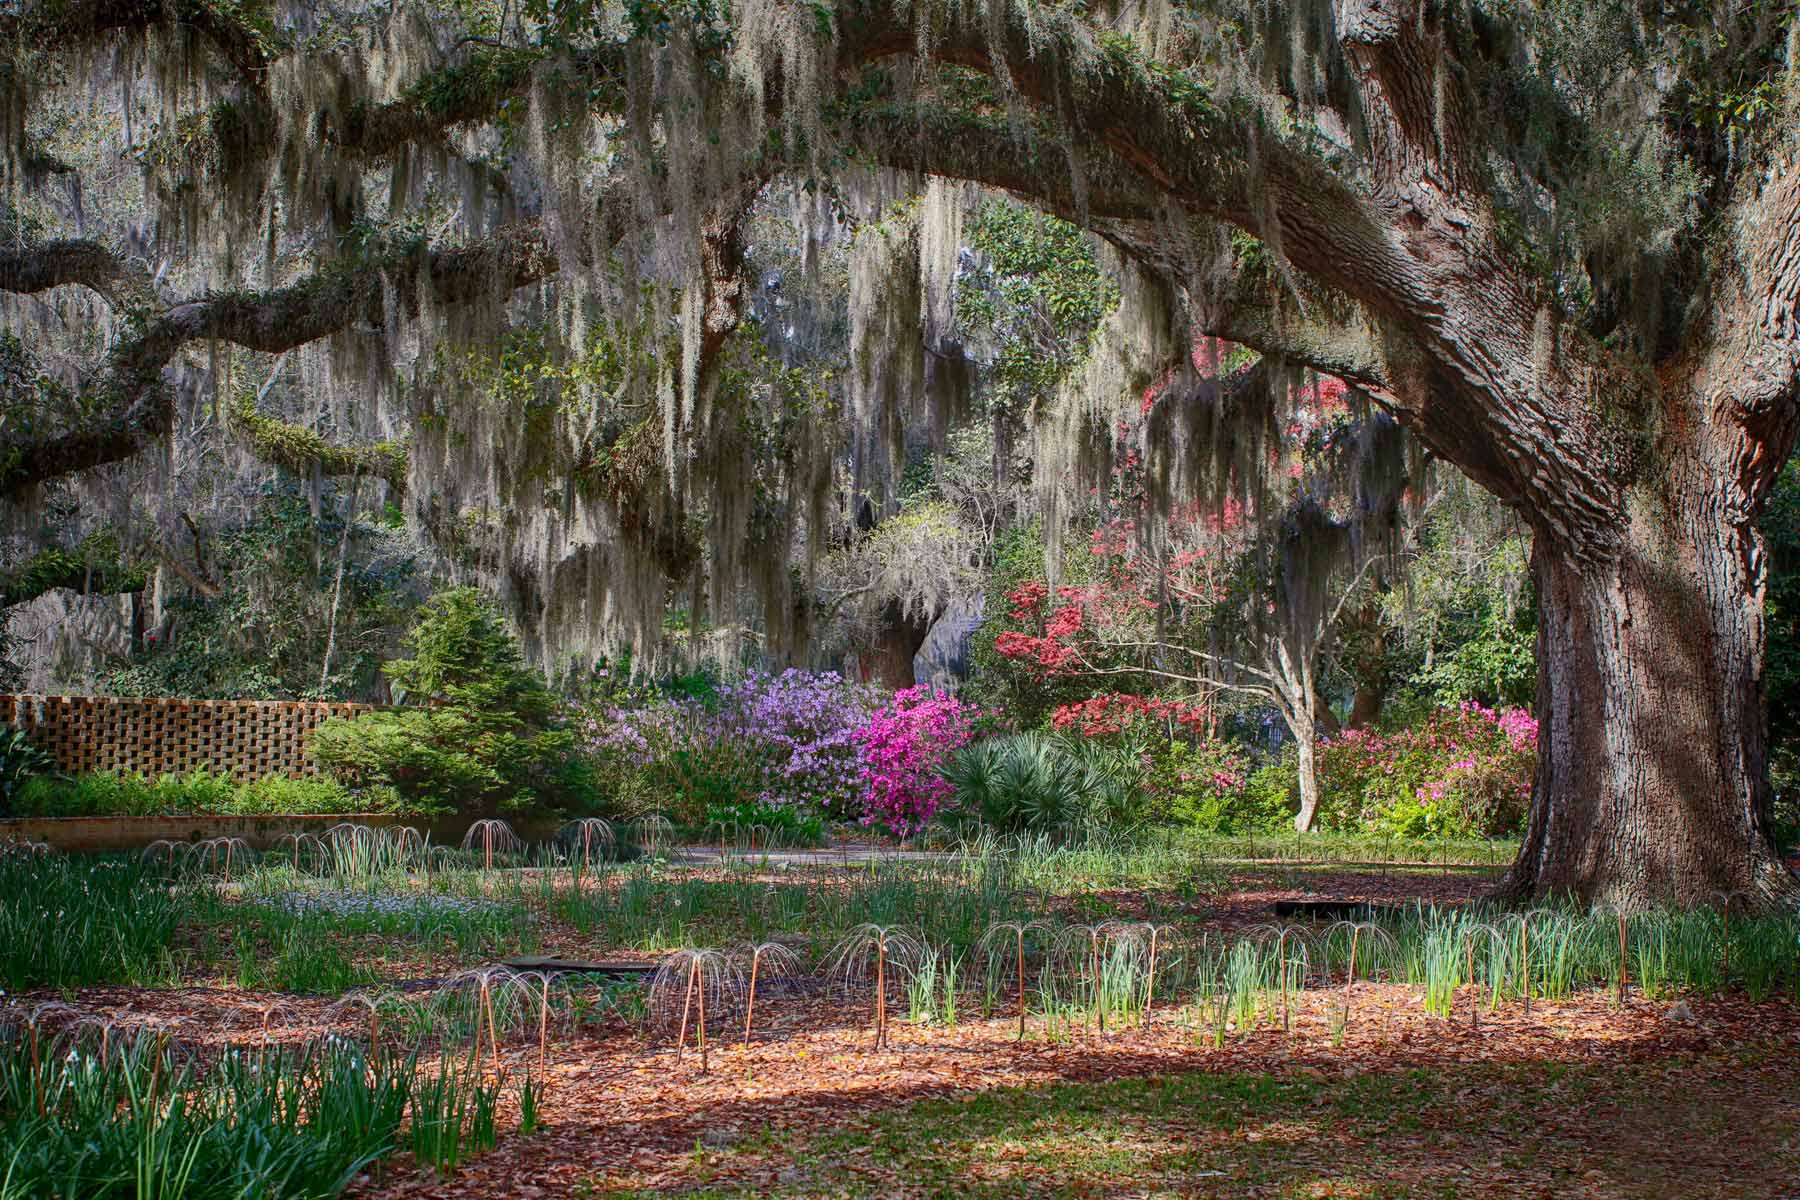 Brookgreen Gardens in the South Carolina Springtime